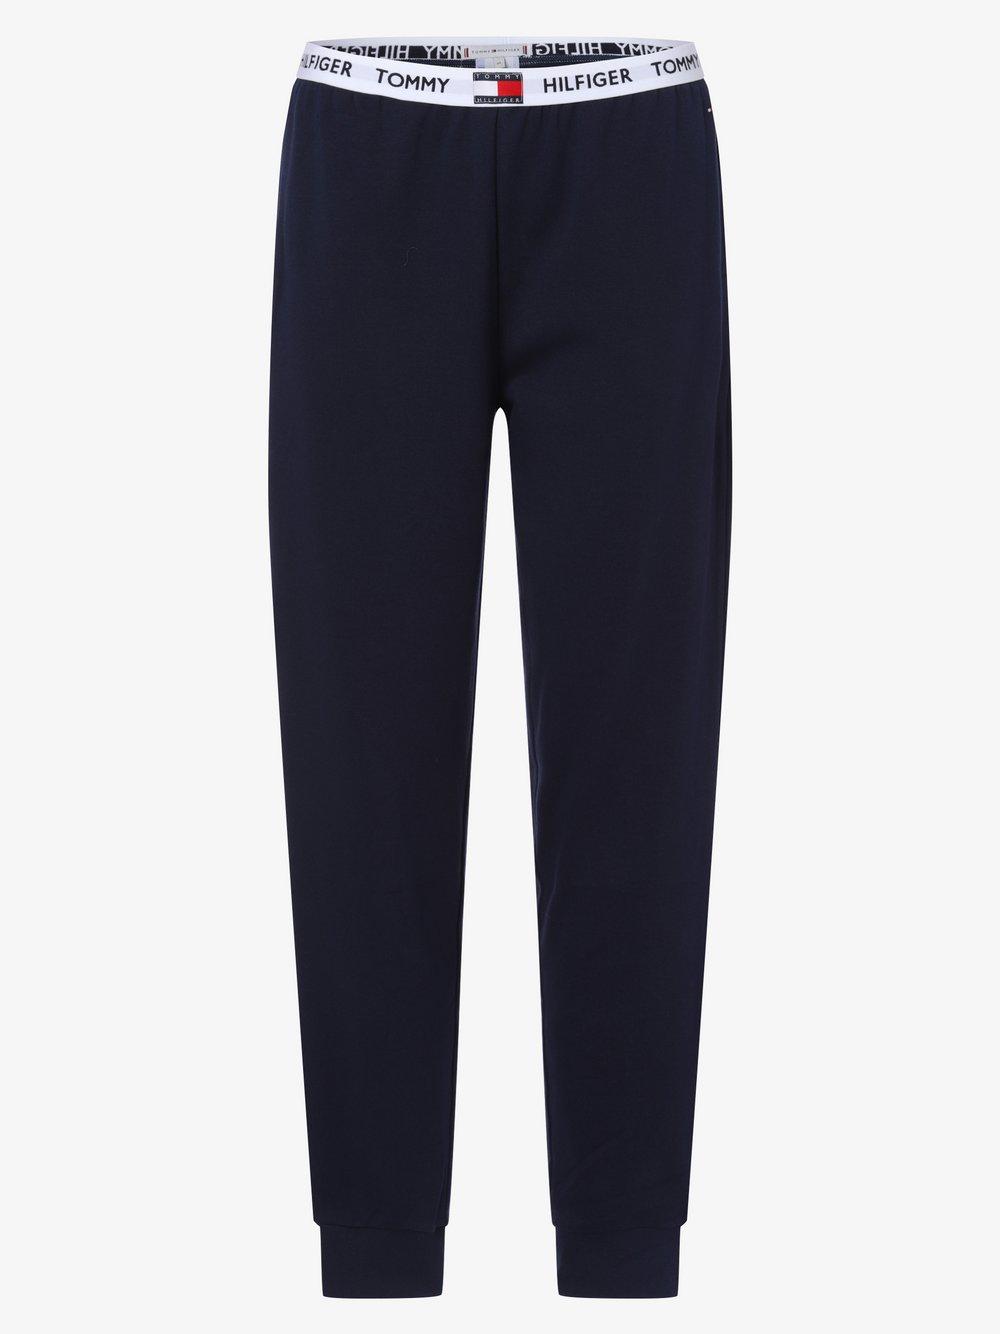 Tommy Hilfiger - Damskie spodnie od piżamy, niebieski